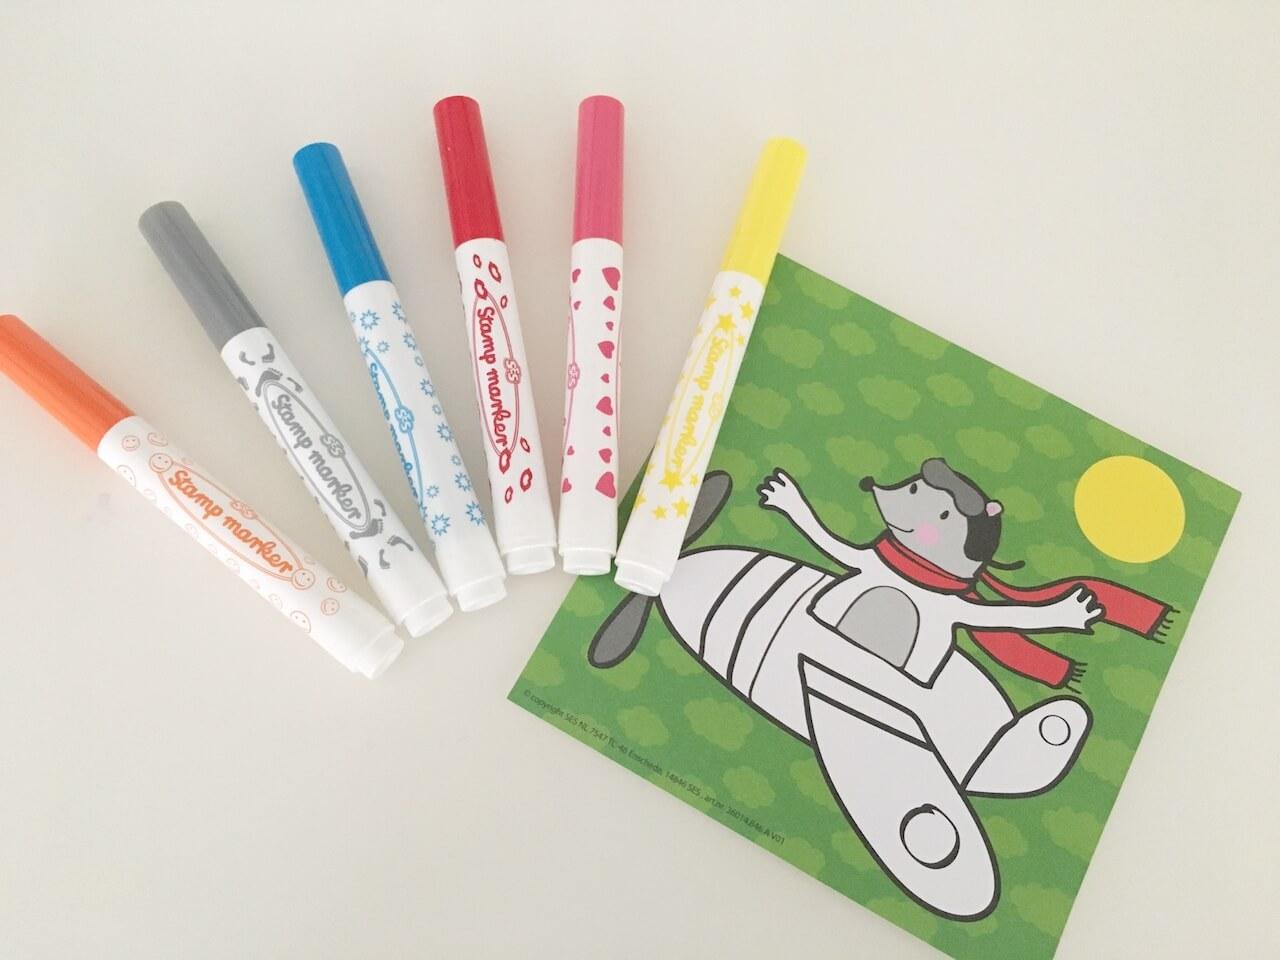 FullSizeRender 153 - Tellen, kleuren en motoriek oefenen bij kinderen